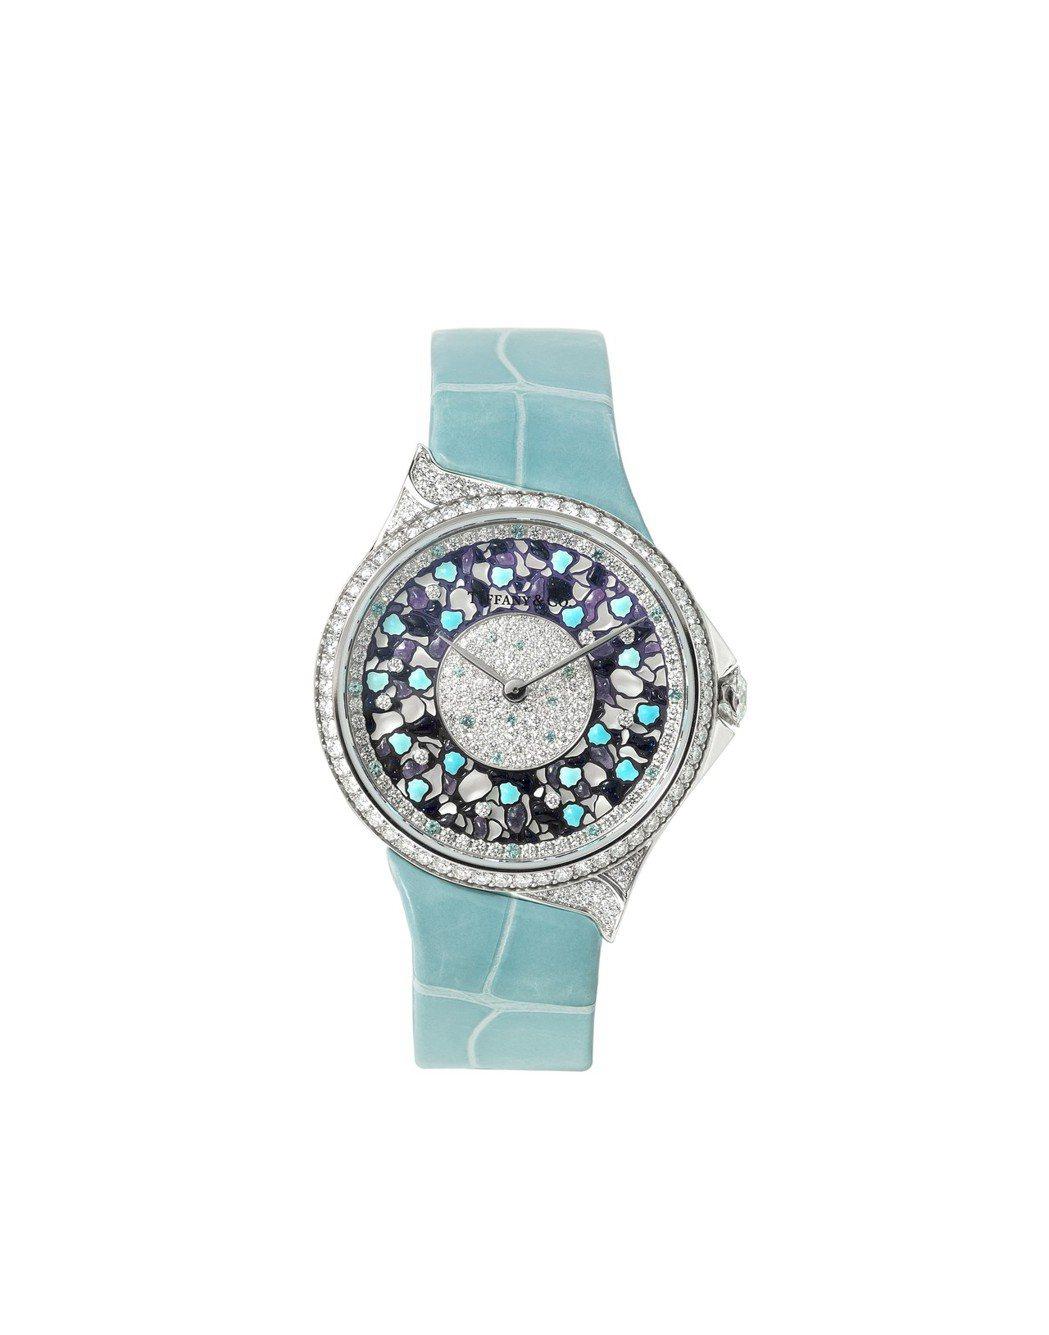 大中華地區Tiffany高級珠寶腕表系列,Tiffany Metro高級珠寶瓷器...